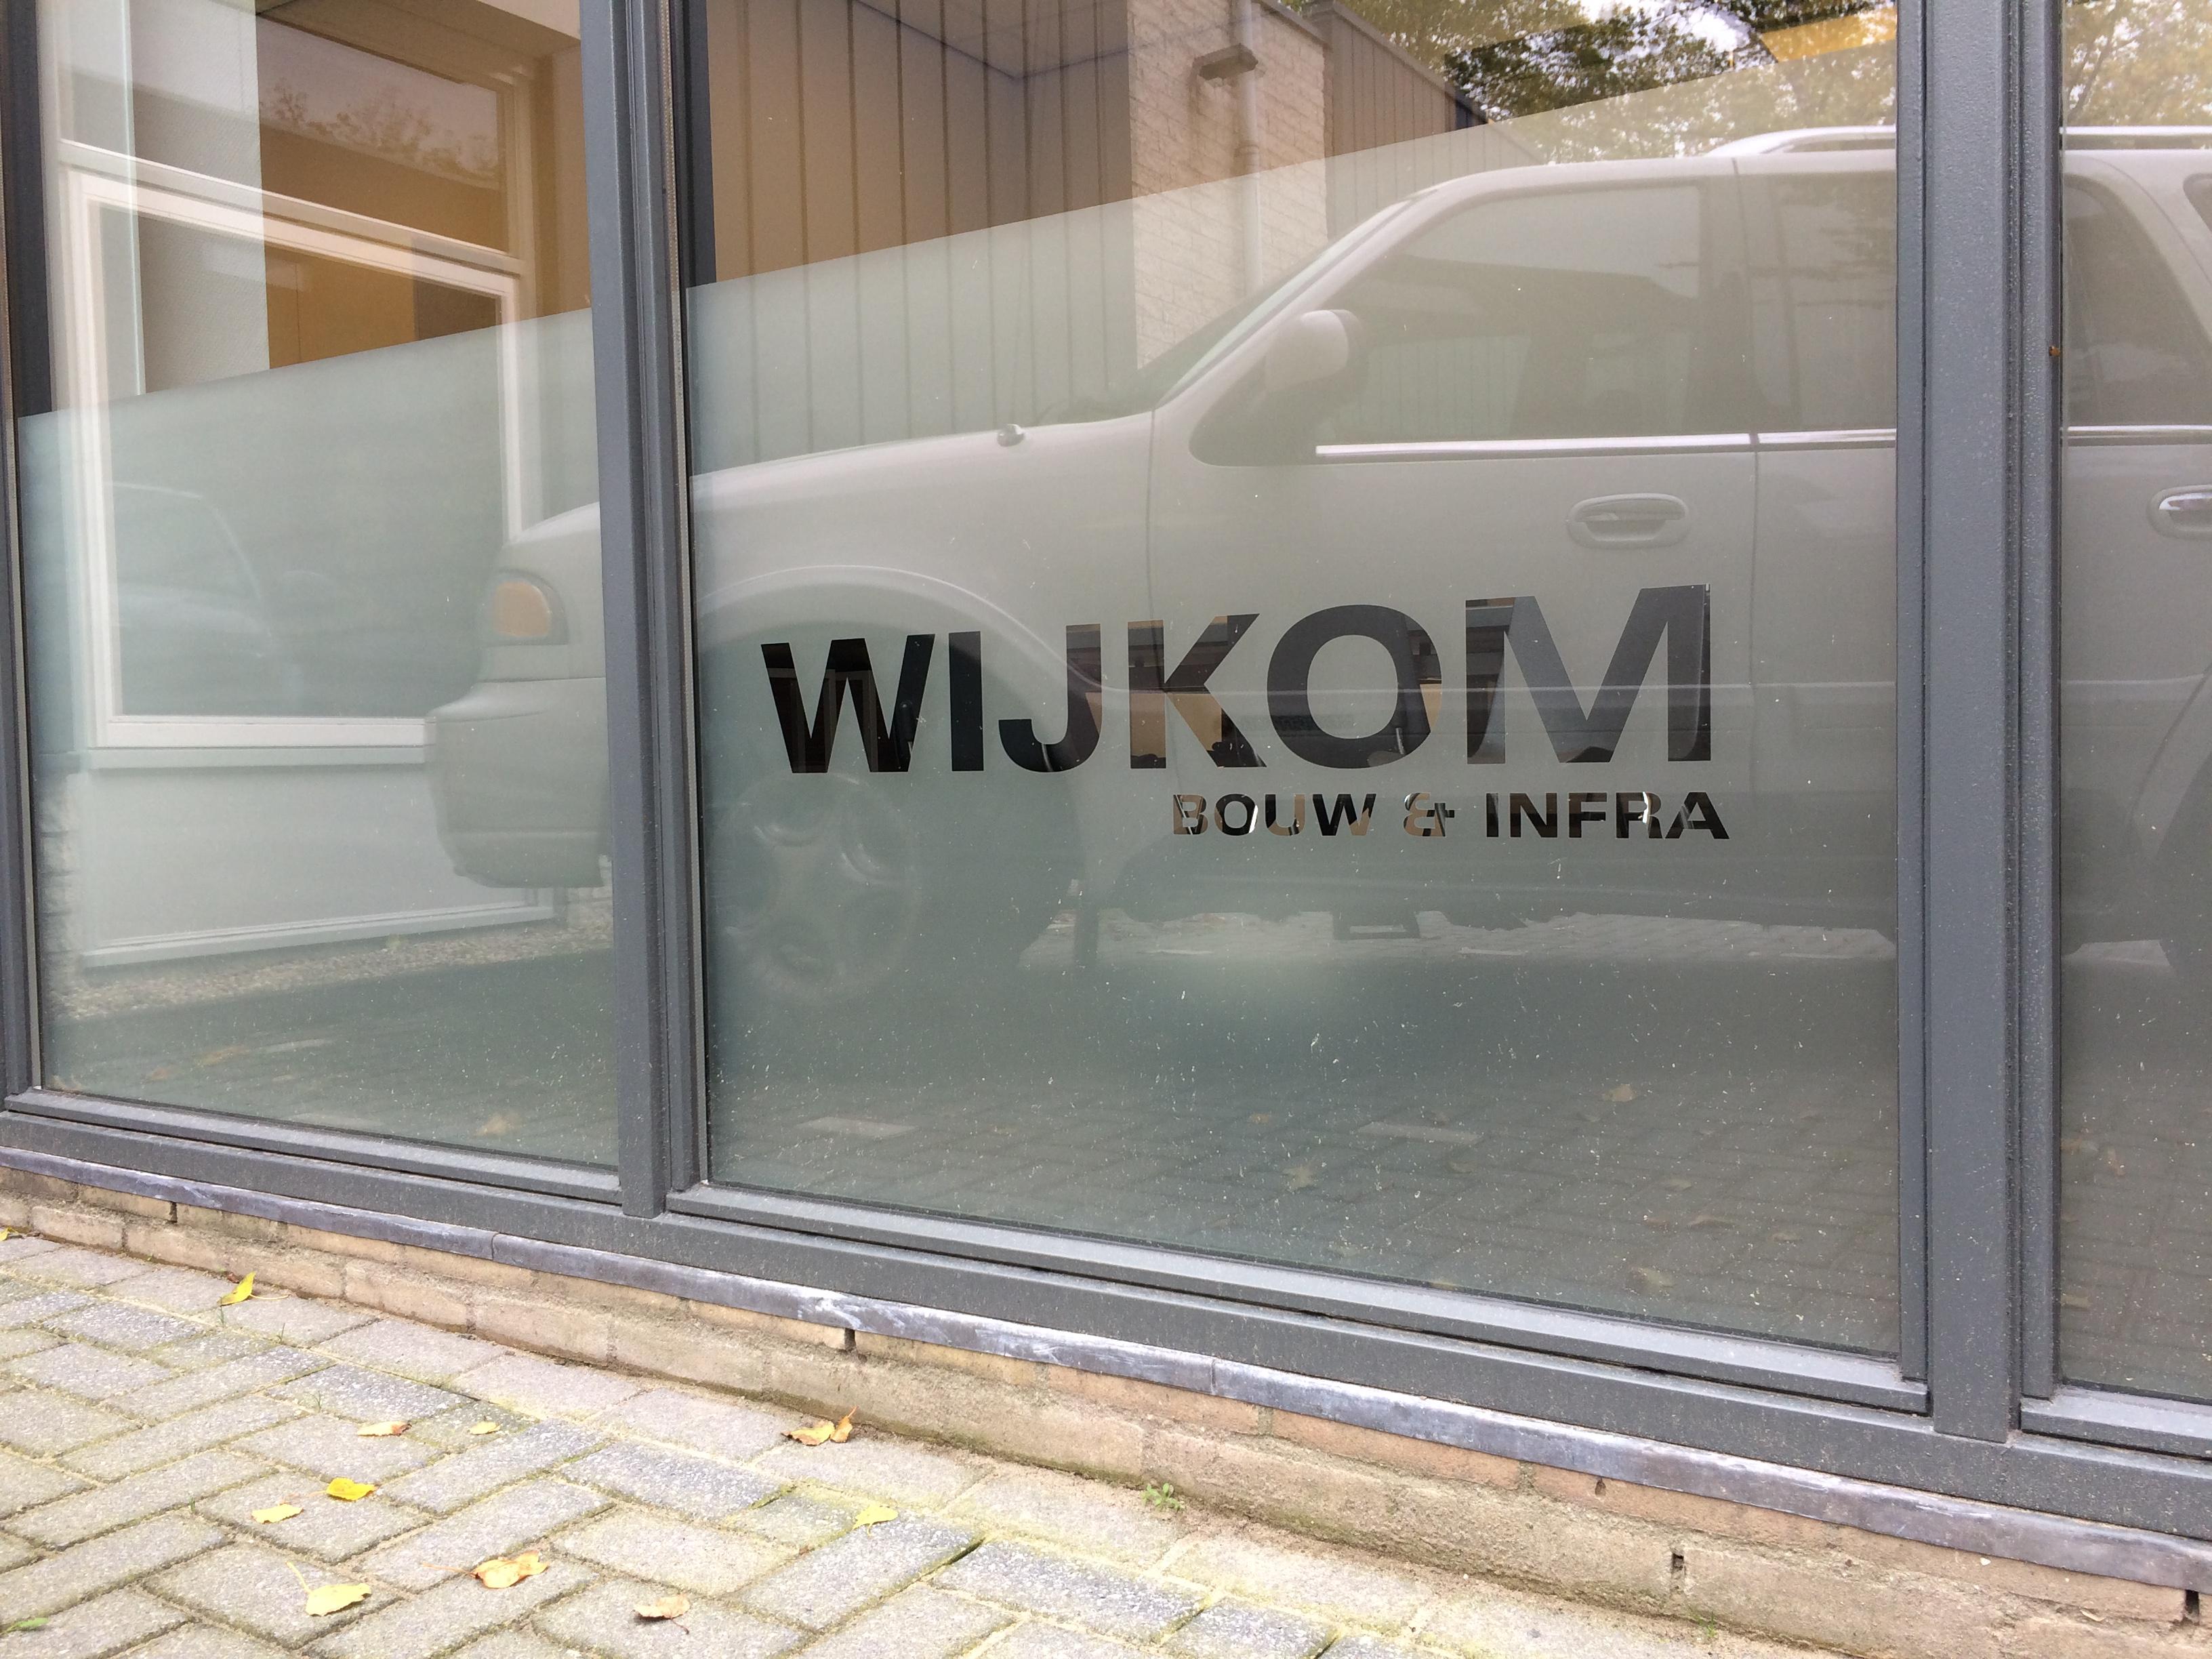 Wijkom Bouw en Infra - Raambelettering